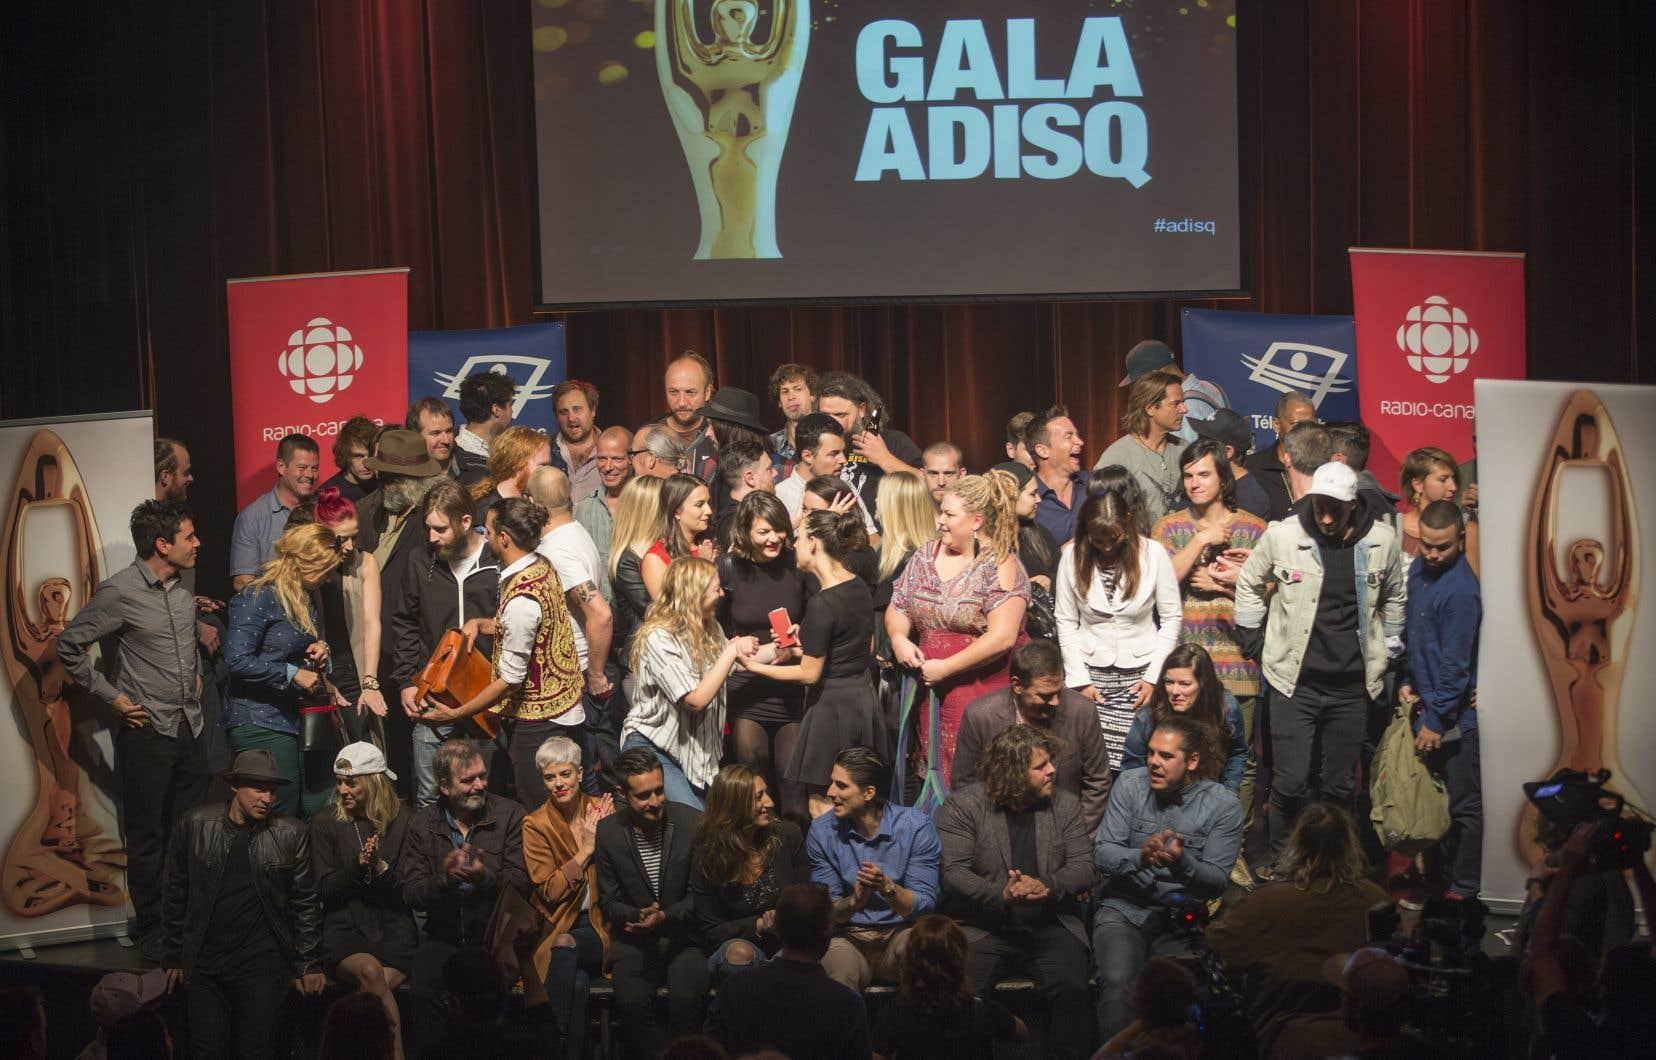 Les artistes en nomination réunis sur la scène du gala de l'ADISQ en 2016